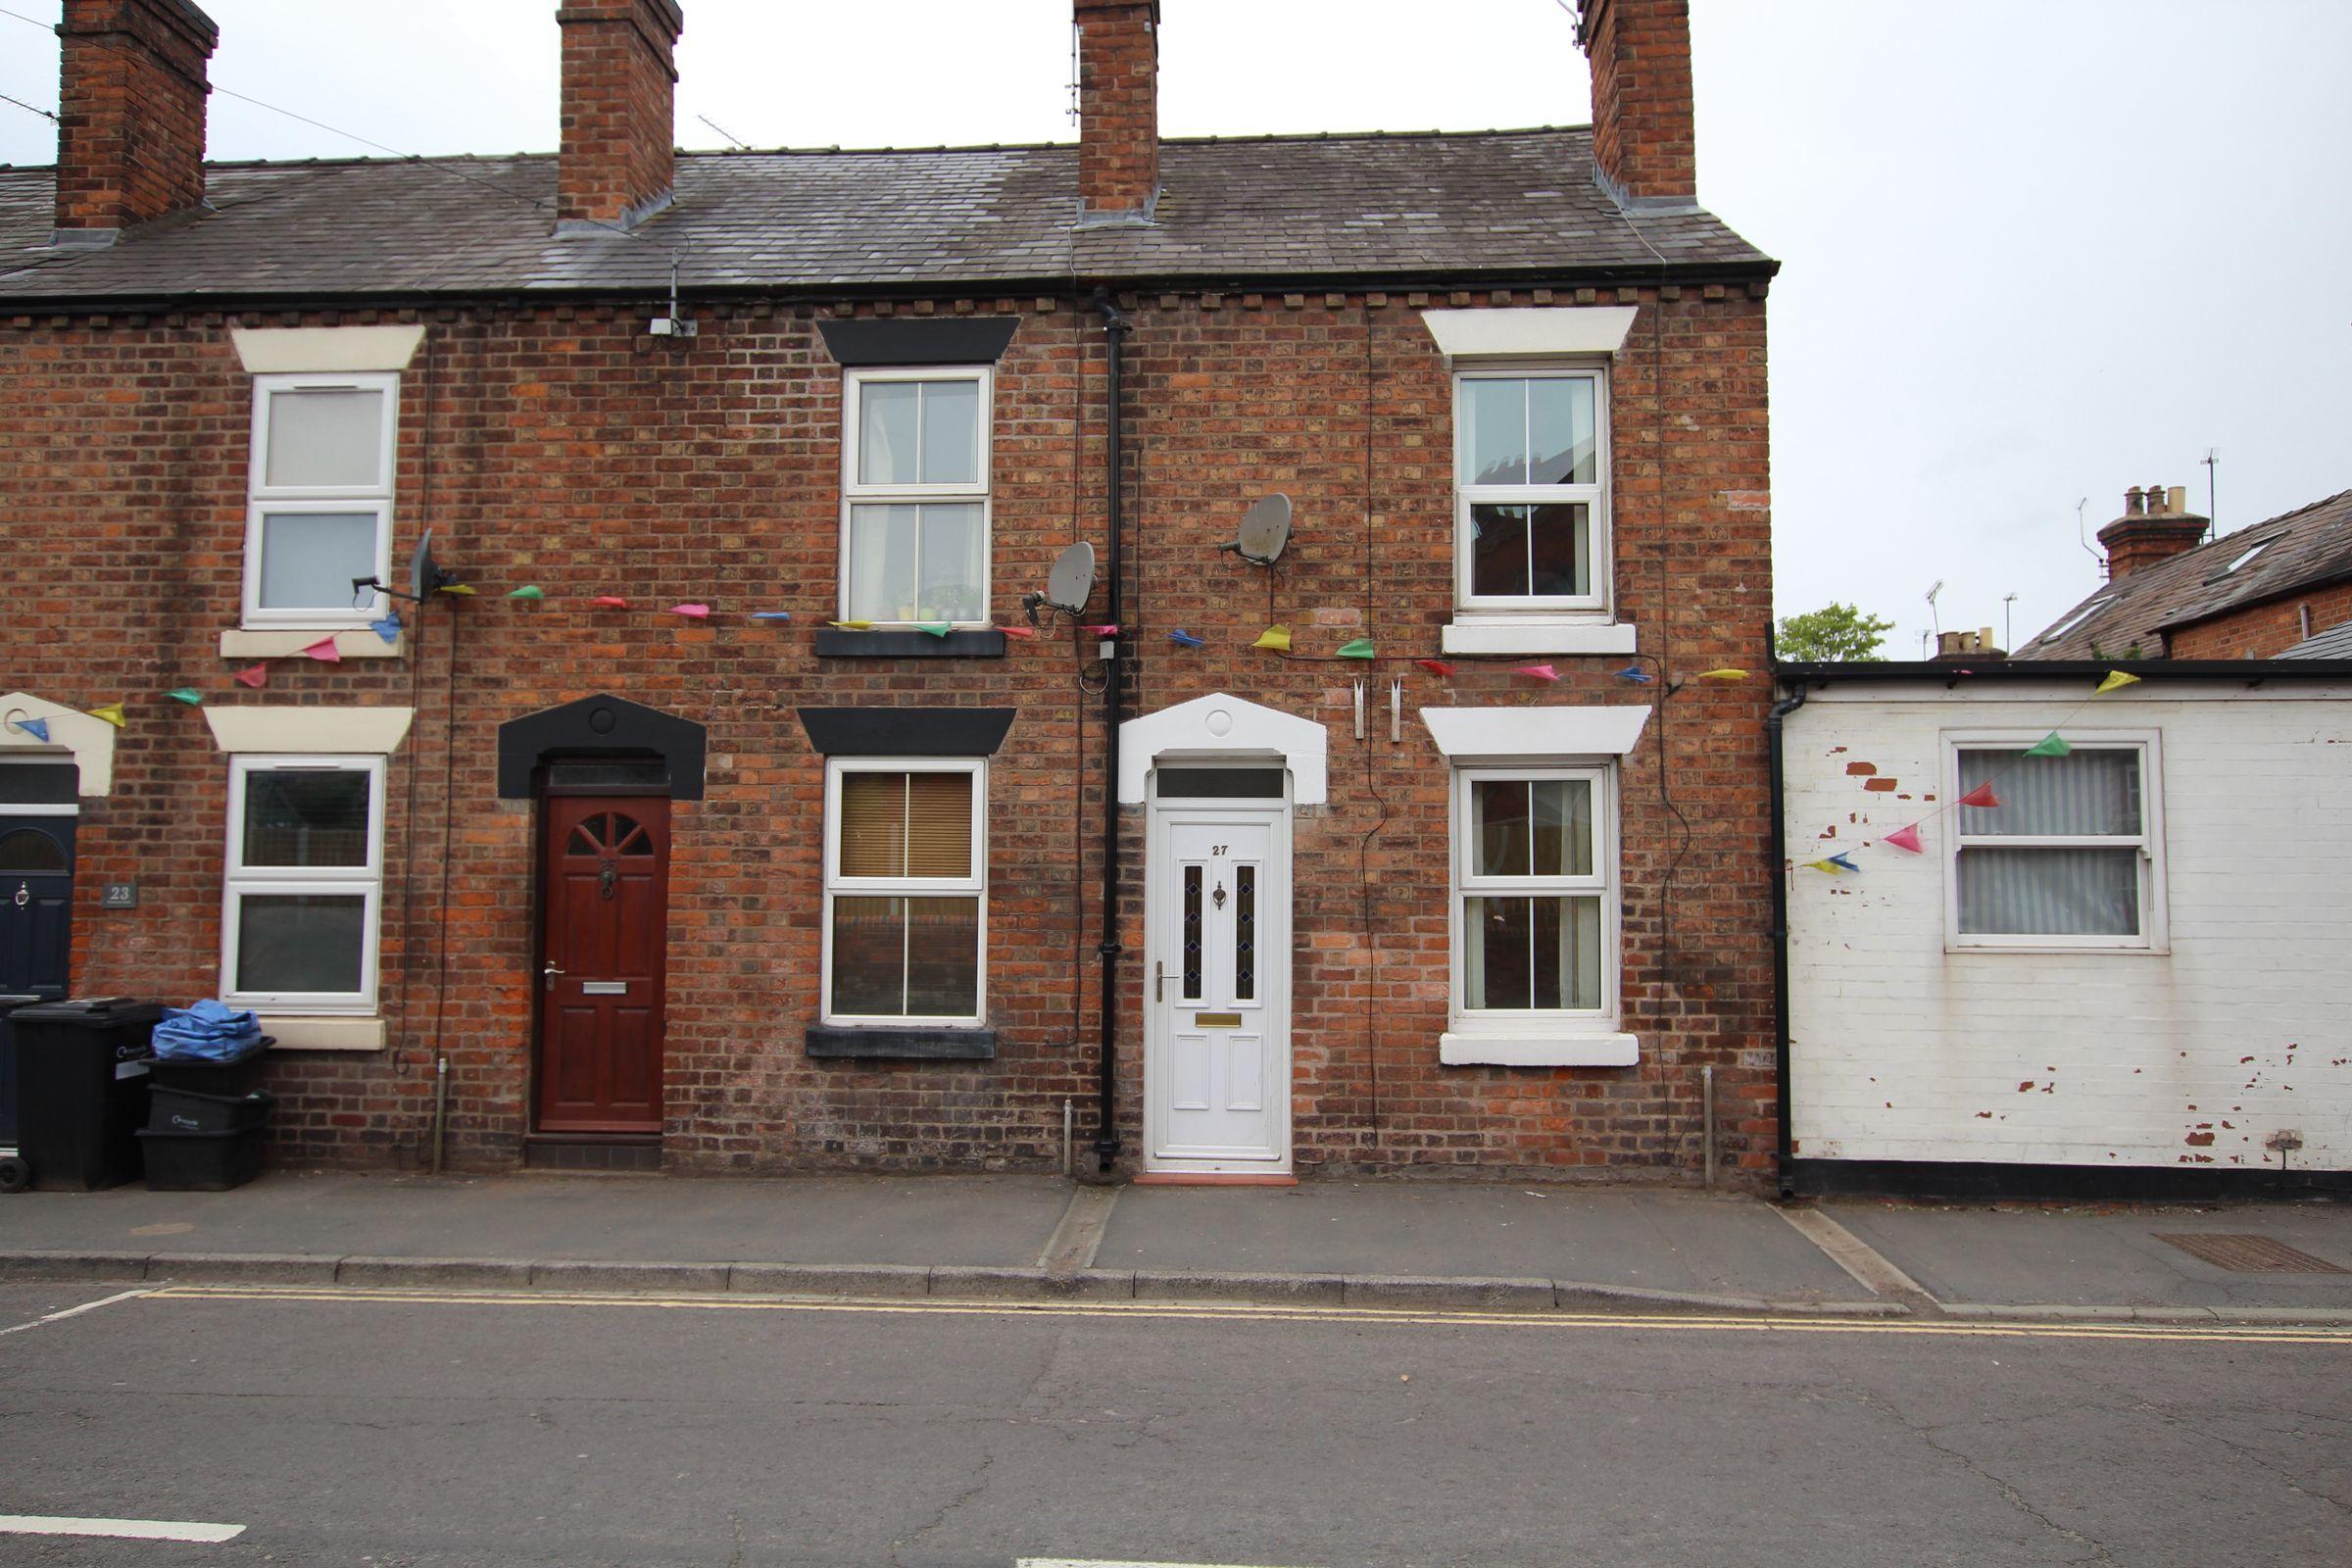 Property photo 1 of 13. Image 13